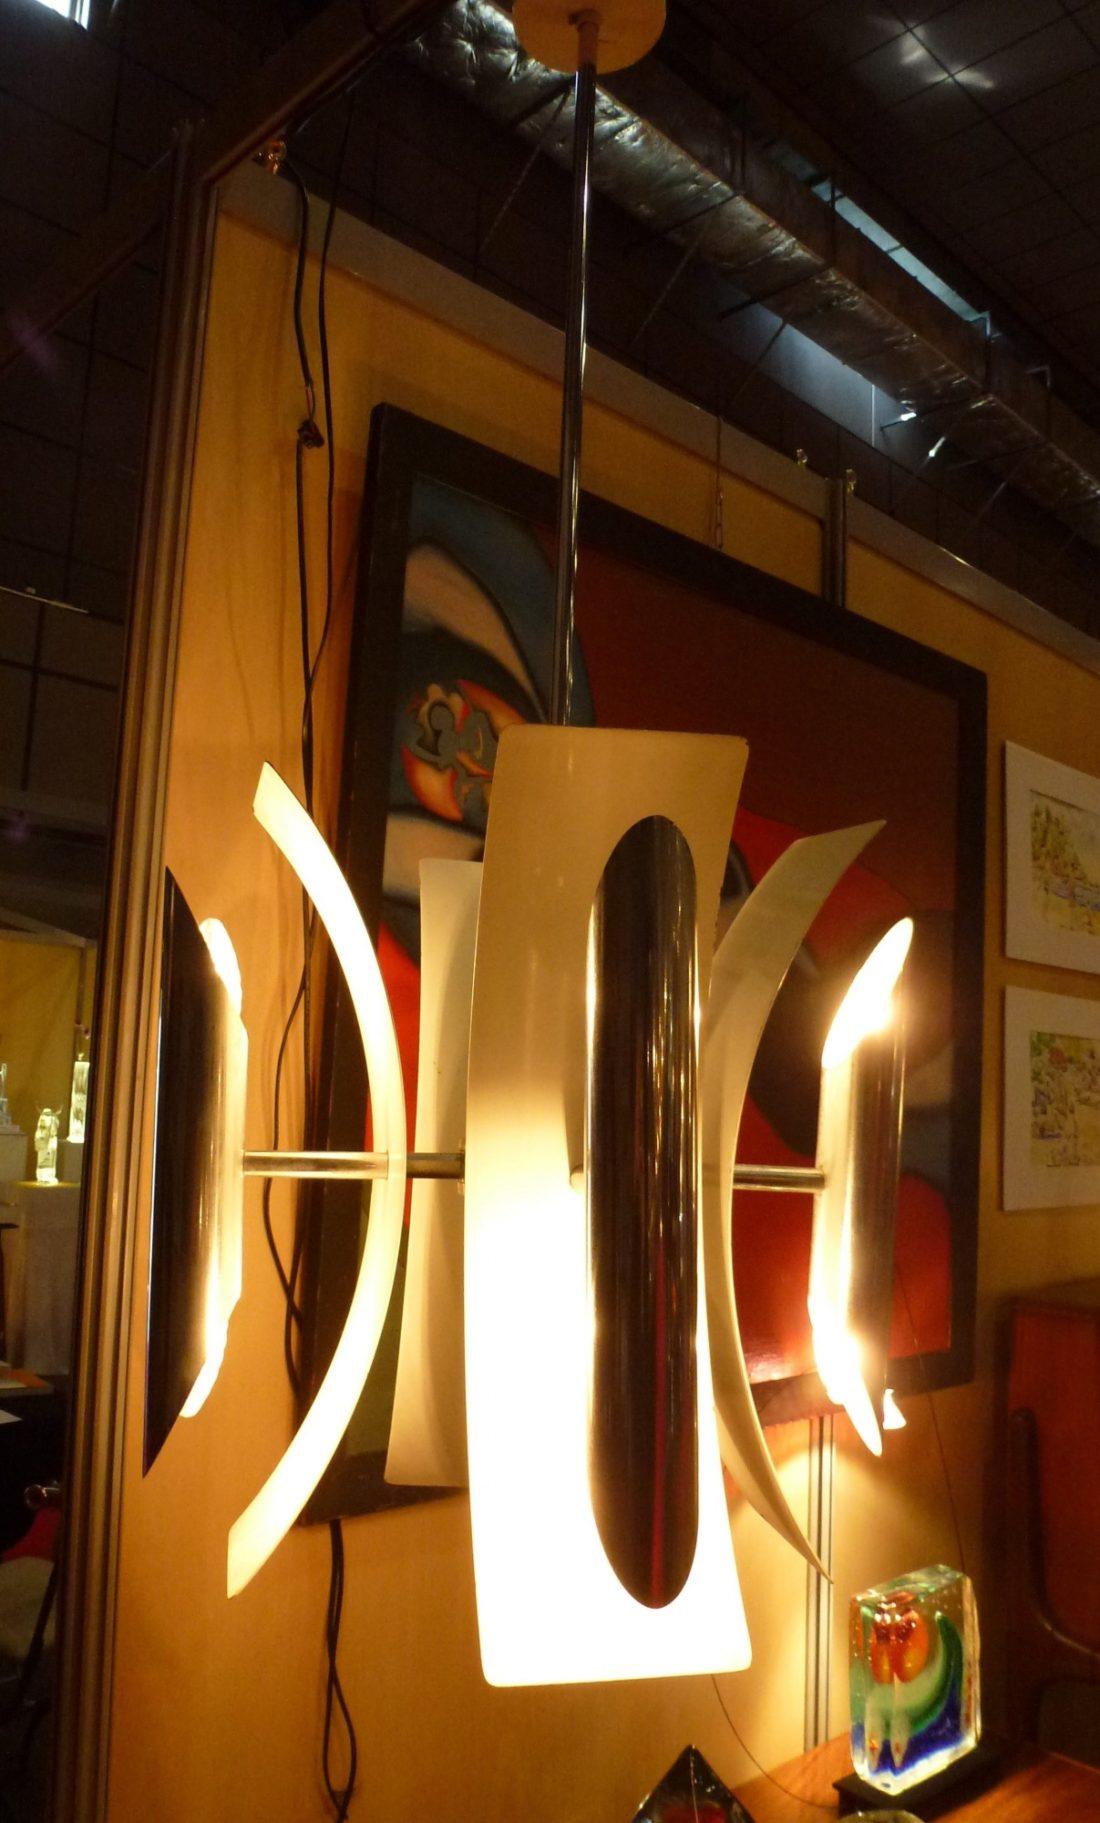 lampe de plafond très typée 70 composée de lames de métal laqué blanc et de tubes chromés